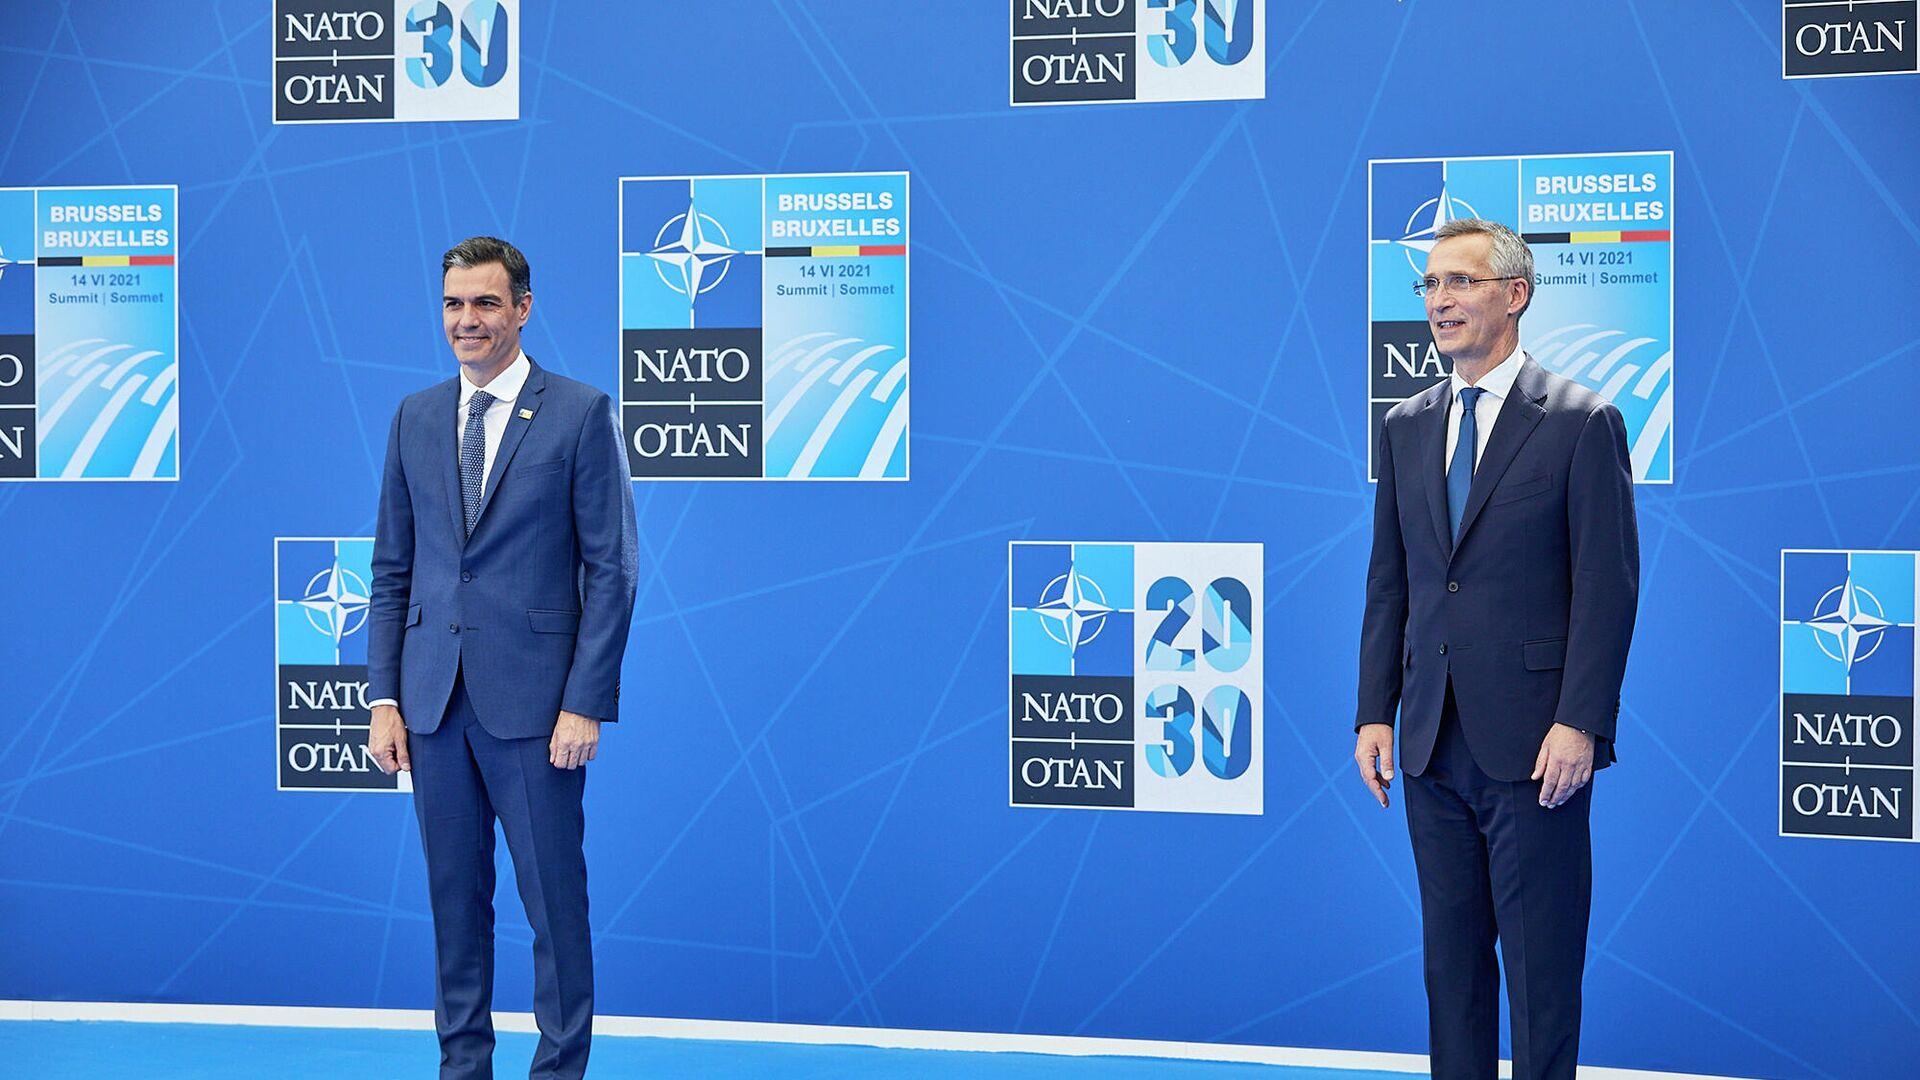 El presidente del Gobierno, Pedro Sánchez, y el secretario general de la OTAN, Jens Stoltenberg, en la ceremonia de bienvenida de la Cumbre de la OTAN - Sputnik Mundo, 1920, 14.06.2021